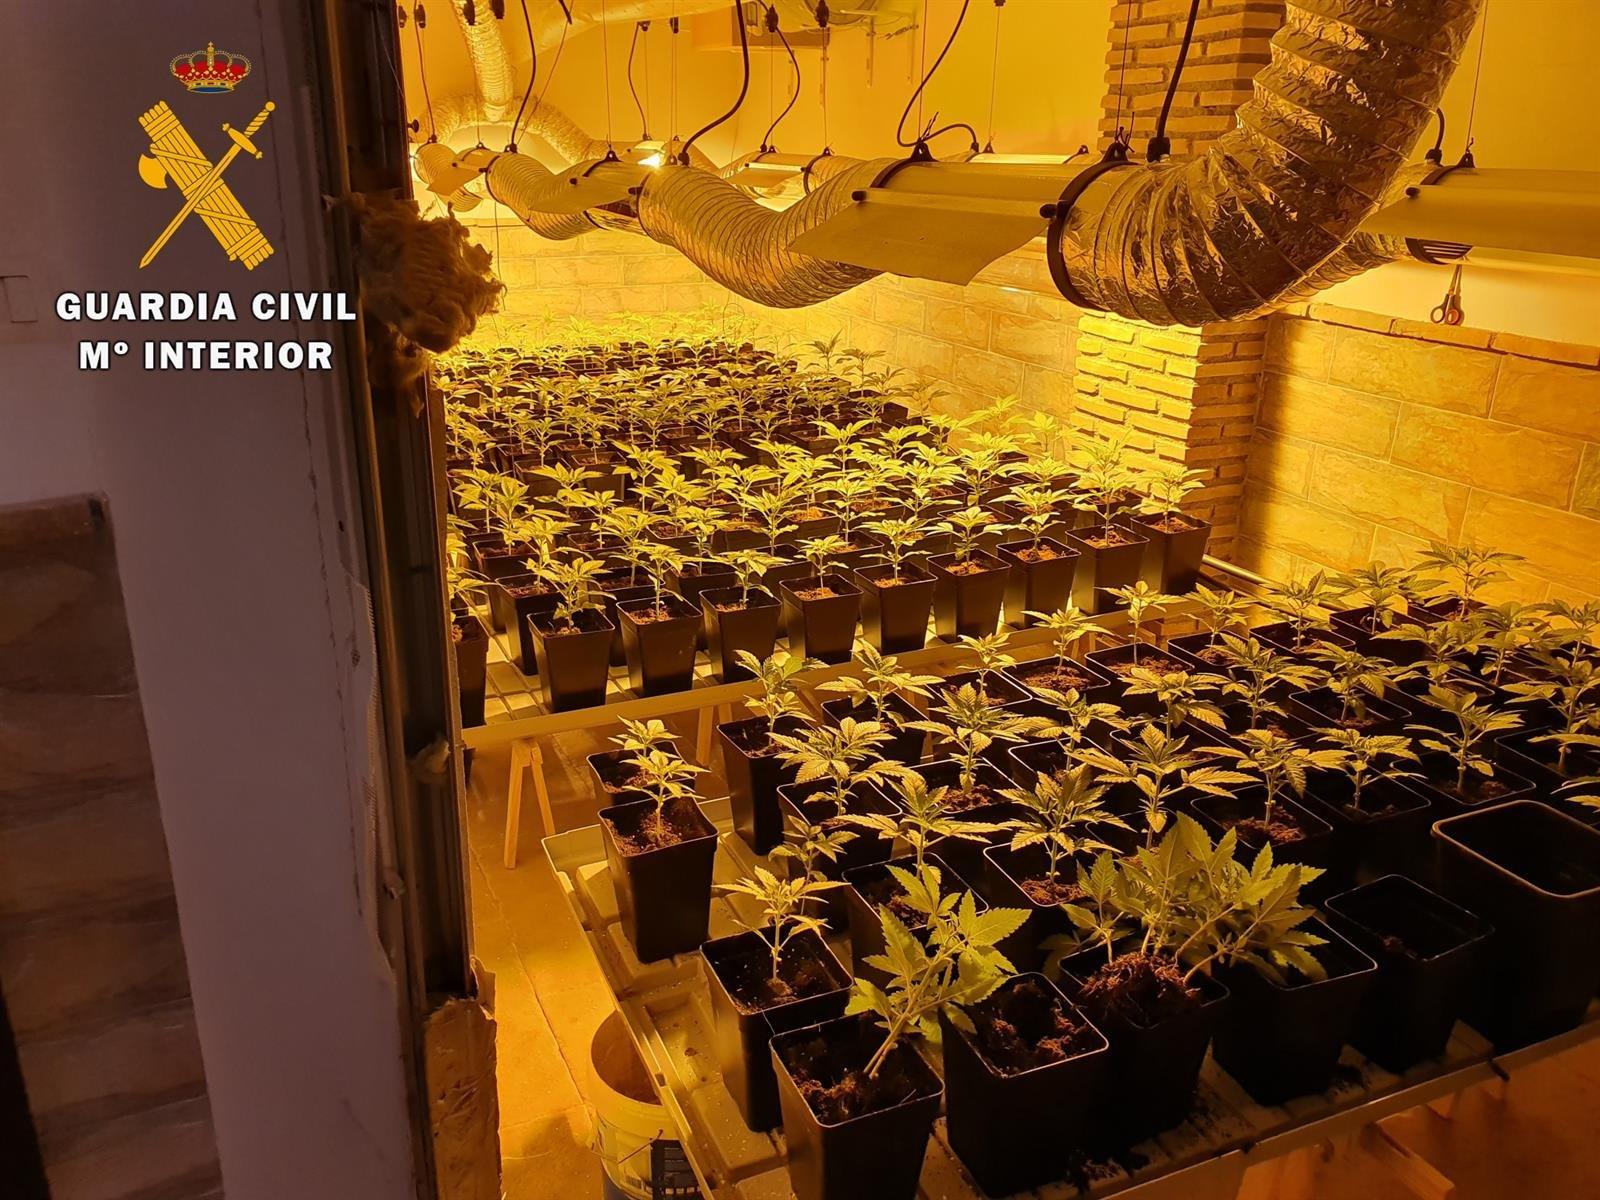 Descubiertas 1.540 plantas de marihuana en Santa Fe al investigar un robo en unas oficinas